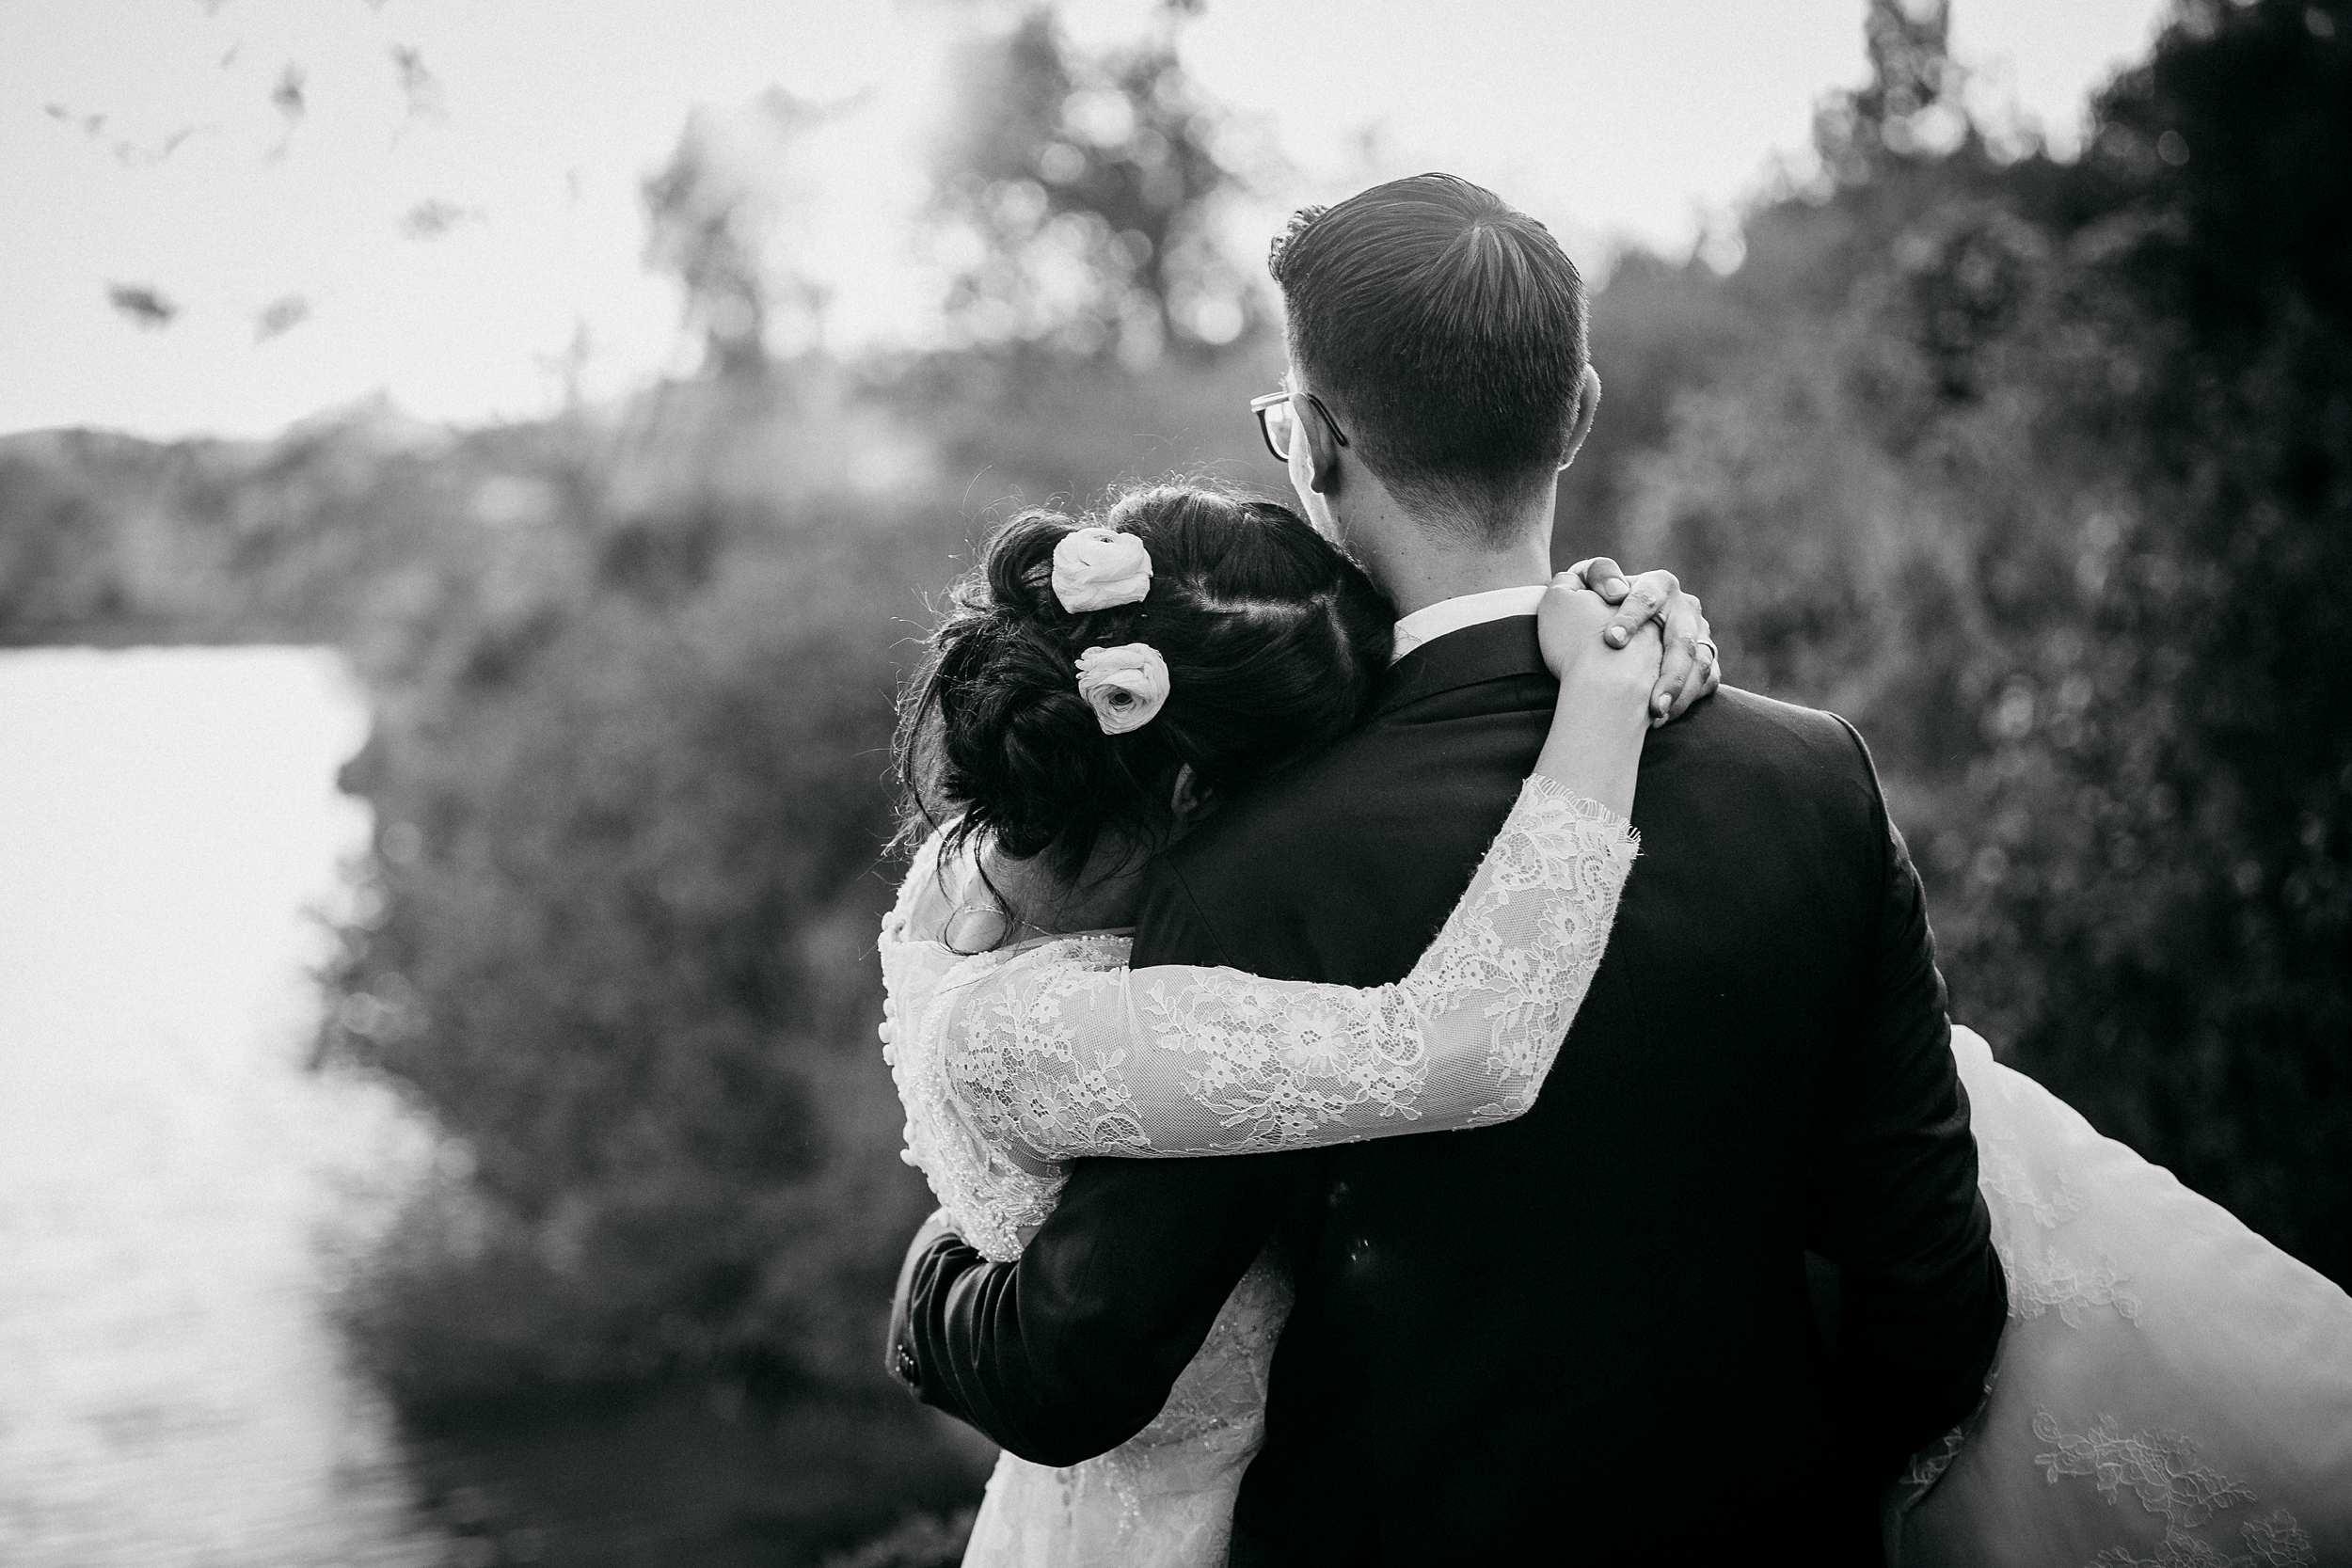 Matrimonio Lago Toscana : Matrimonio a ristorante il lago montaione firenze alessio bazzichi